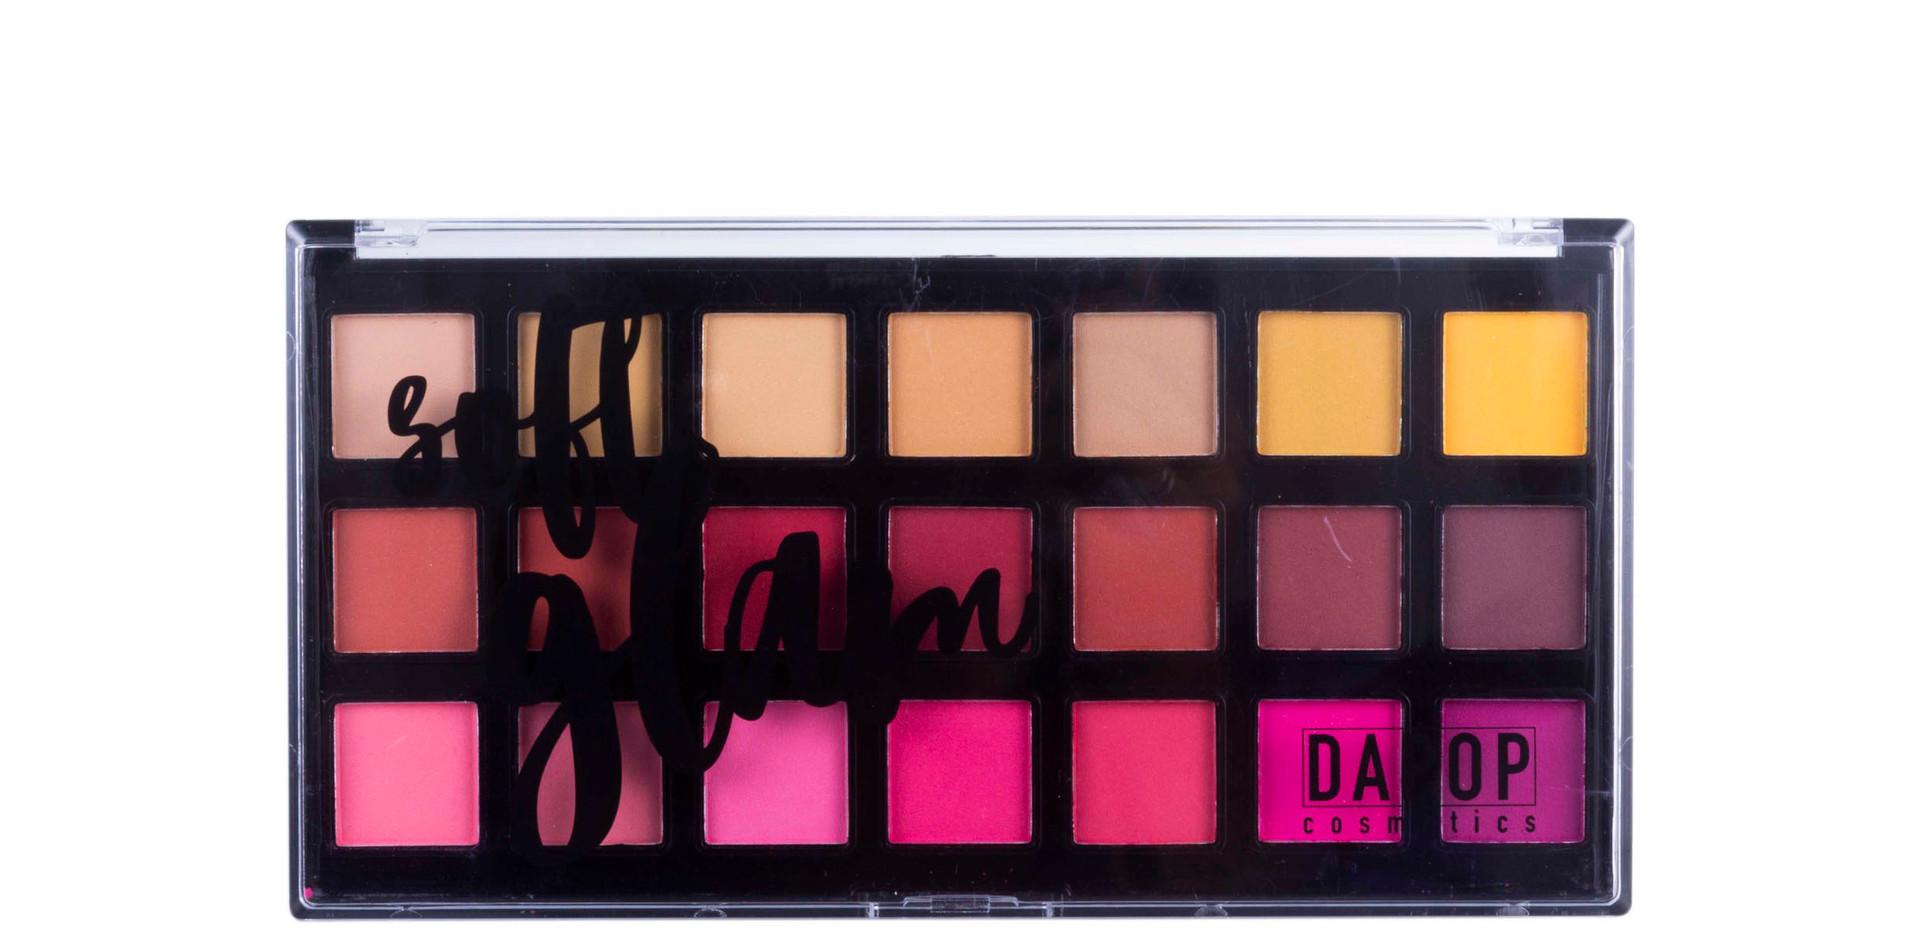 Paleta de Sombras Soft Glam Dapop - HB96774